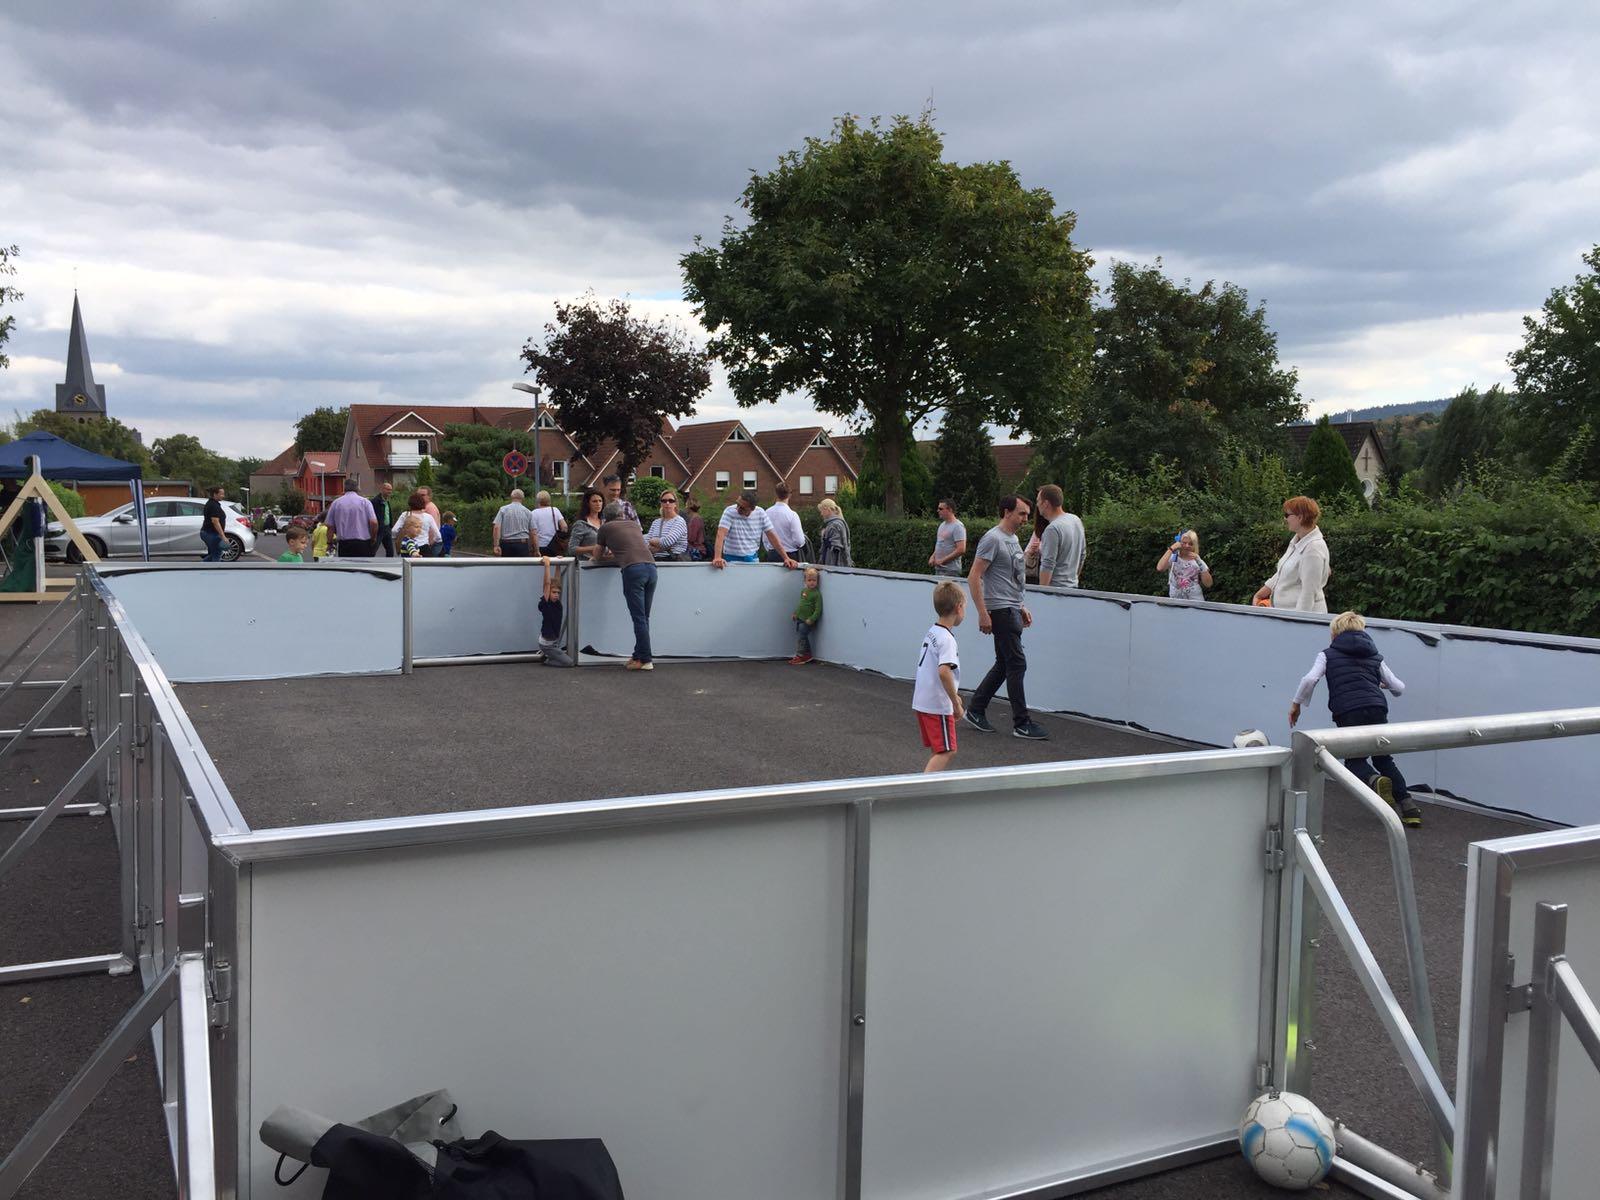 Mobiler Soccer Court für Veranstaltung